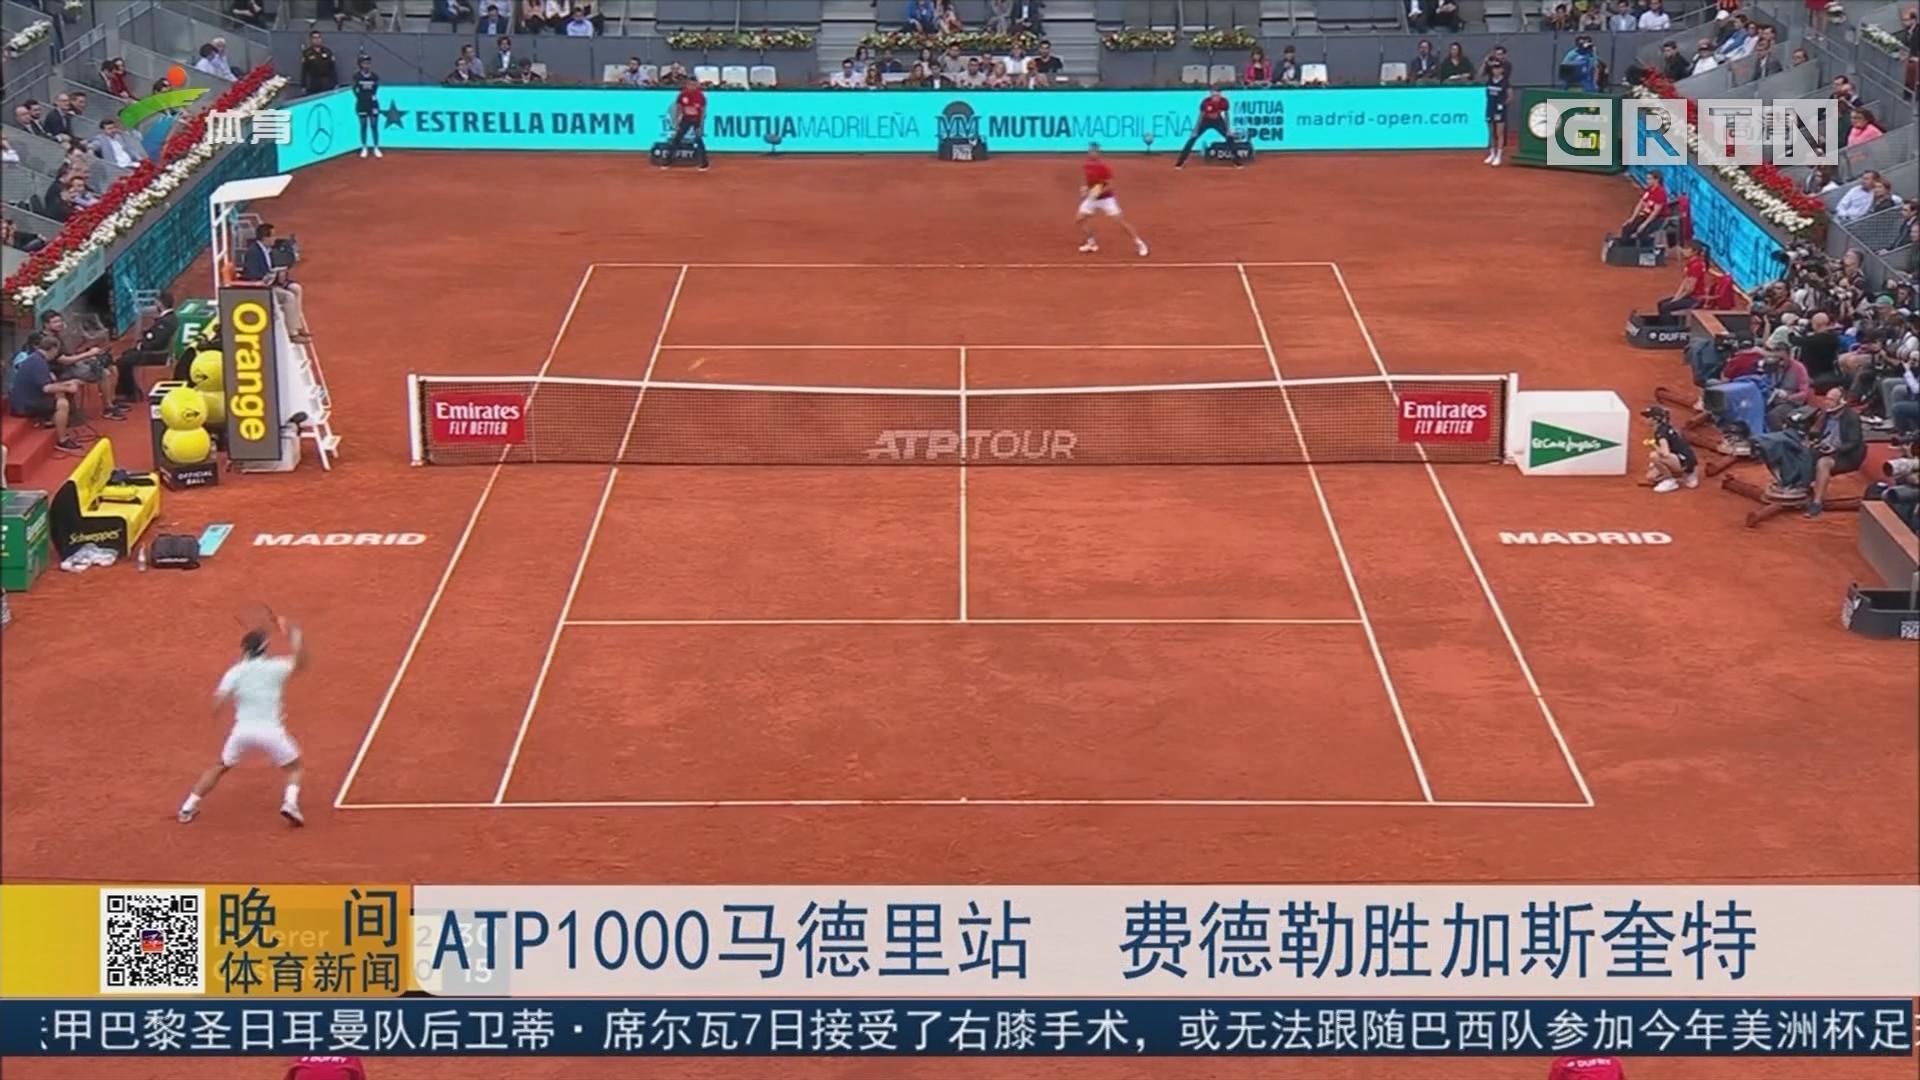 ATP1000马德里站 费德勒胜加斯奎特